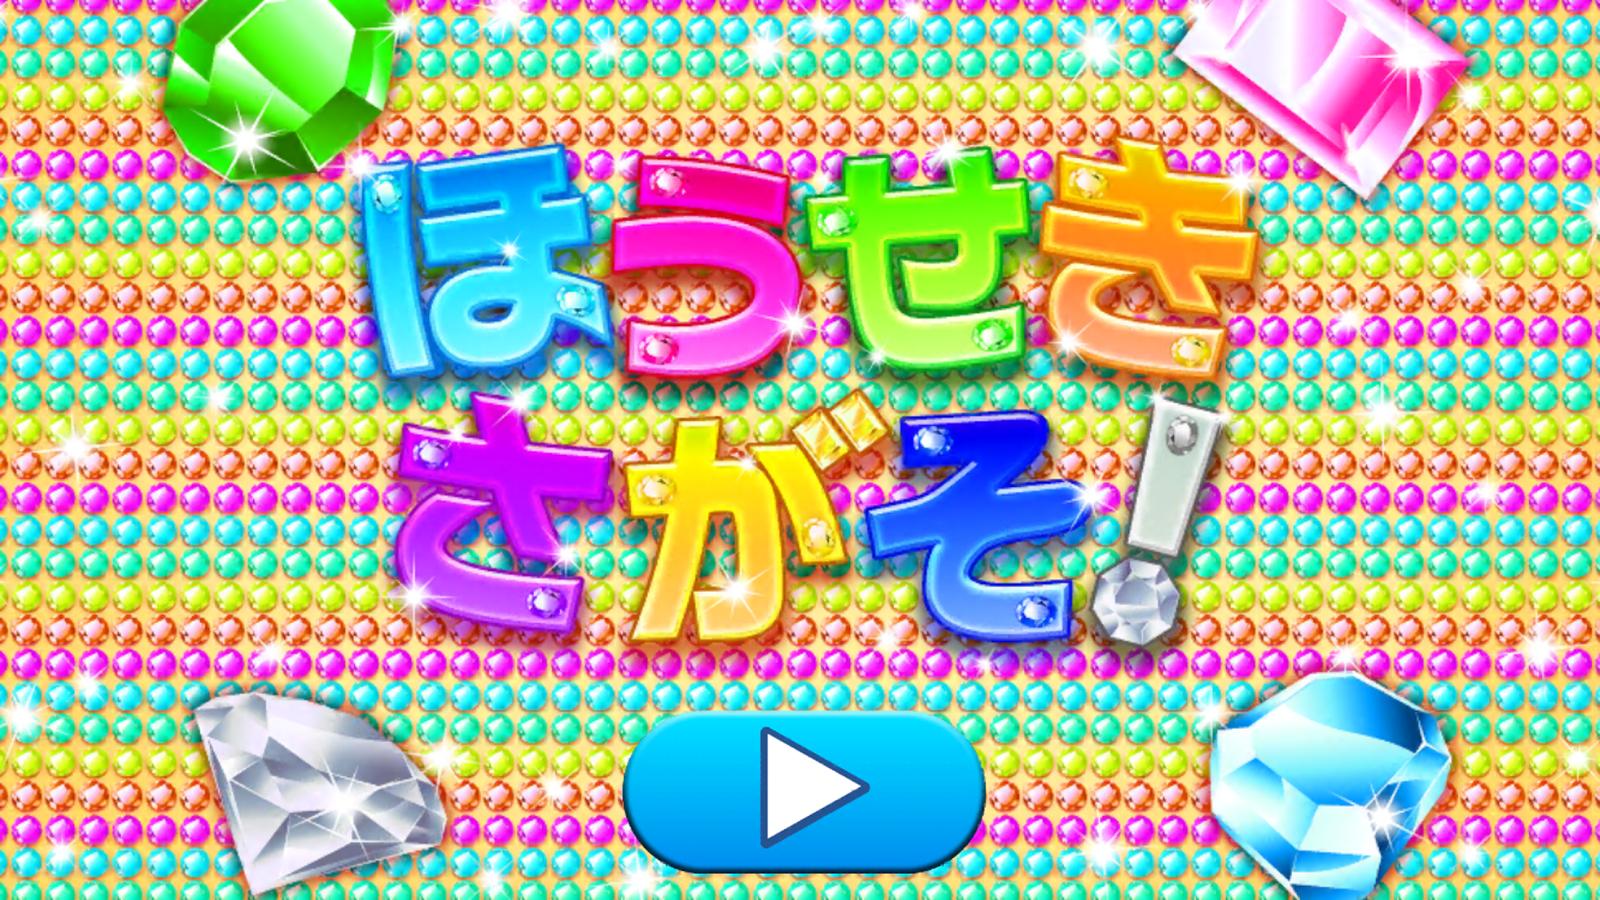 キラキラかわいい宝石を楽しく覚えるキッズ向け知育アプリゲーム